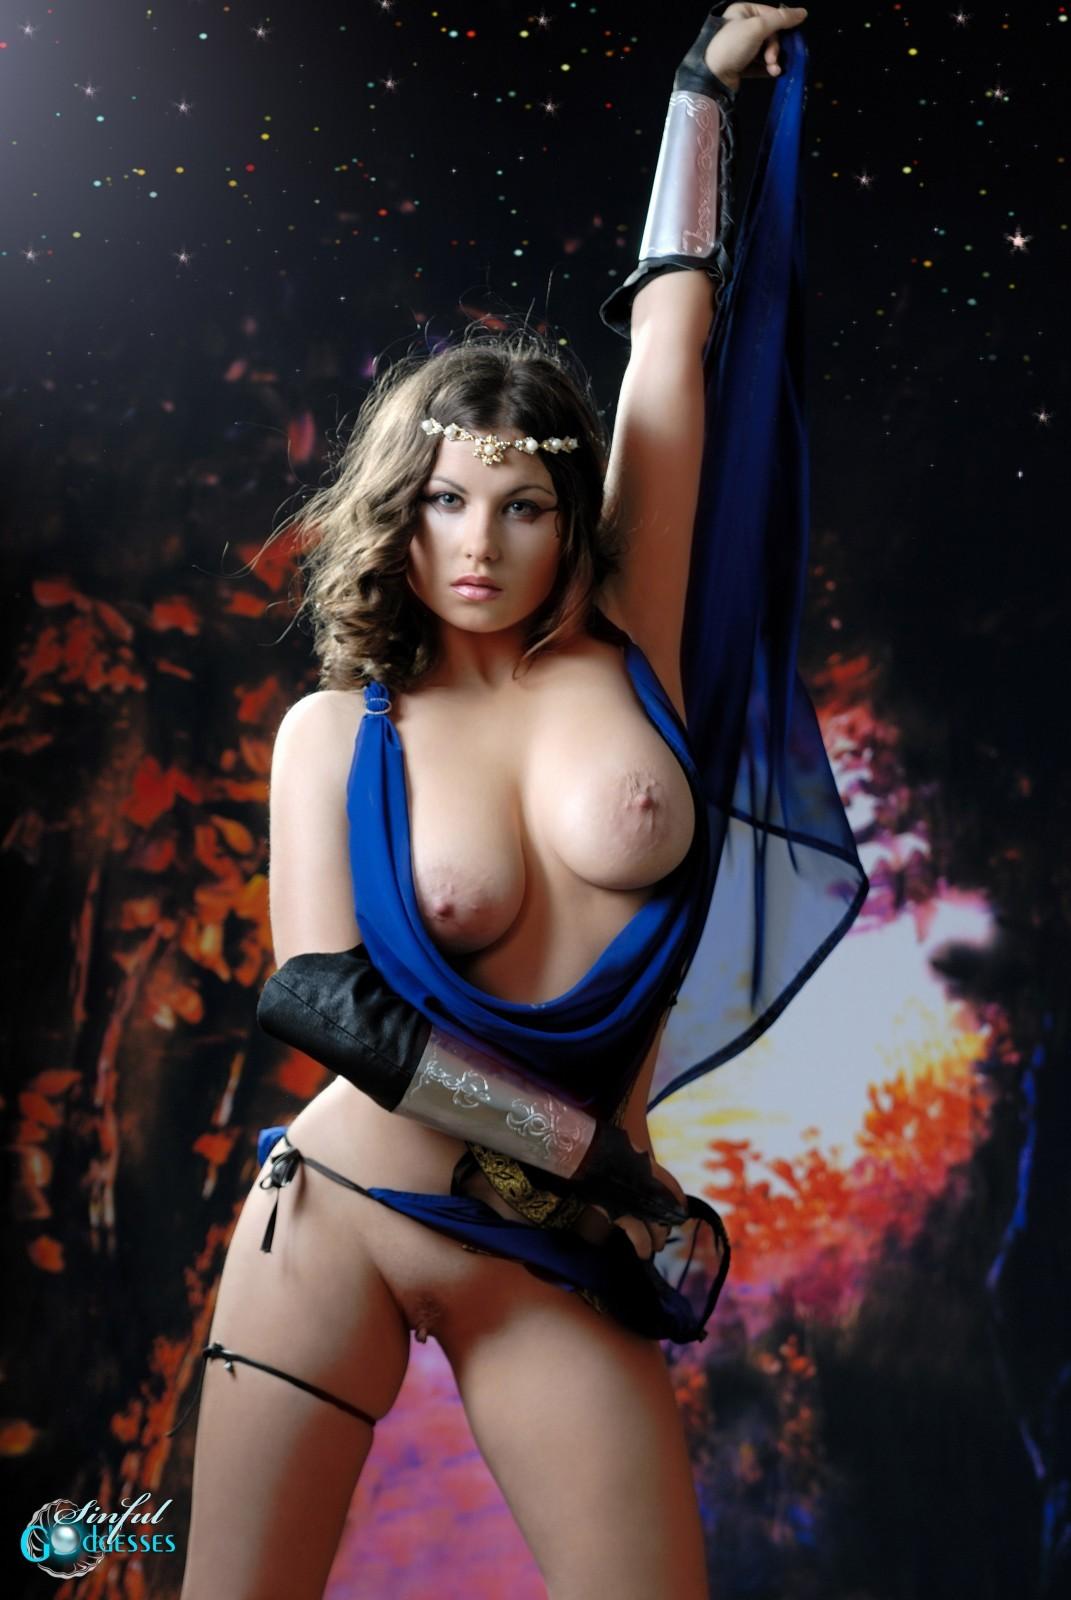 Fantasy nude elf cosplay